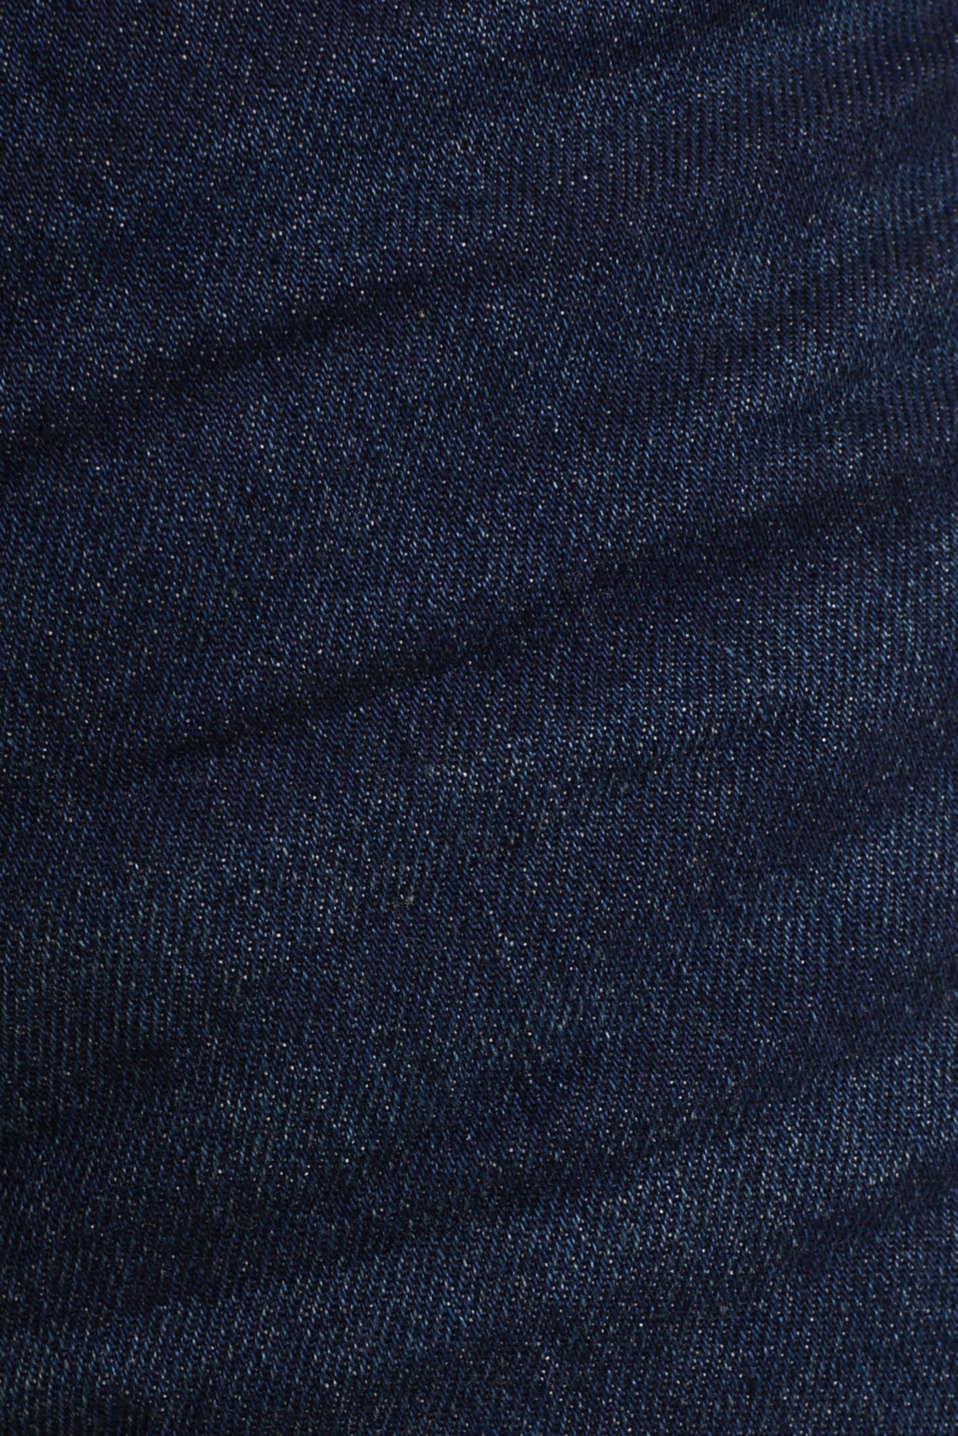 Denim Bermudas in a garment-washed look, BLUE DARK WASH, detail image number 4